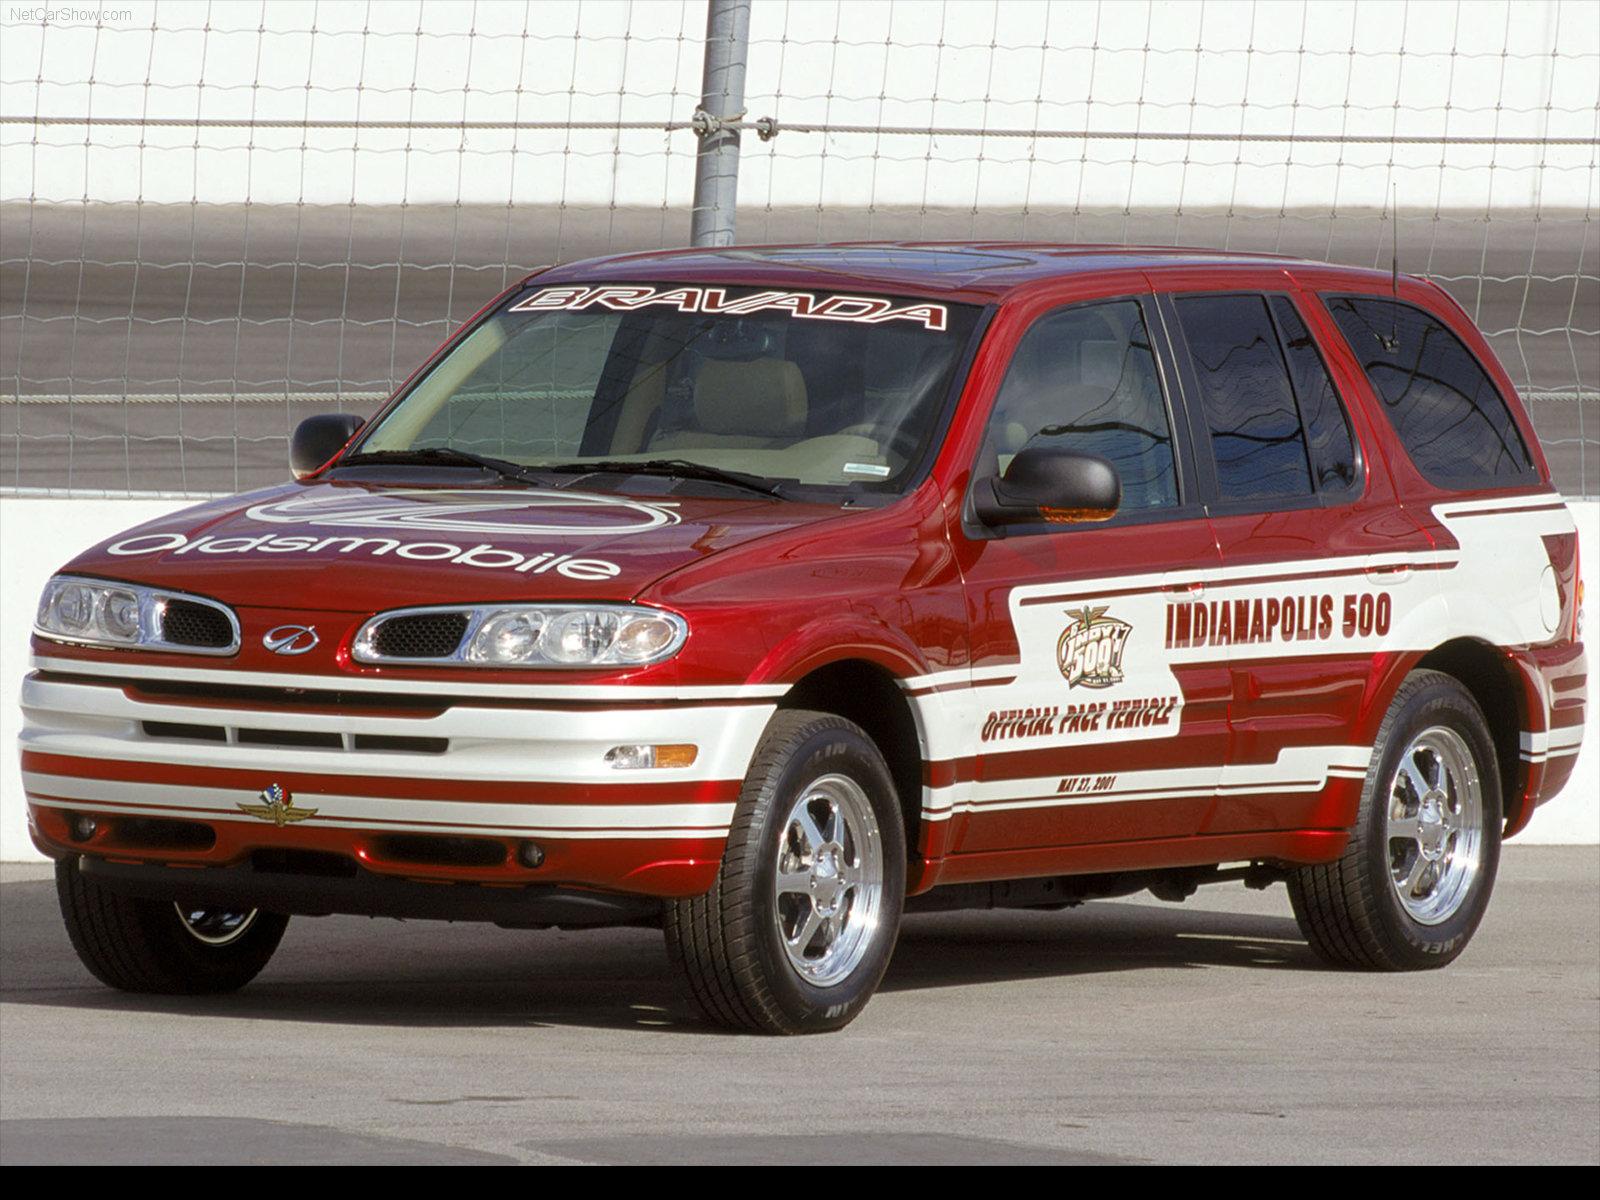 Hình ảnh xe ô tô Oldsmobile Bravada Indy Pace Car 2002 & nội ngoại thất